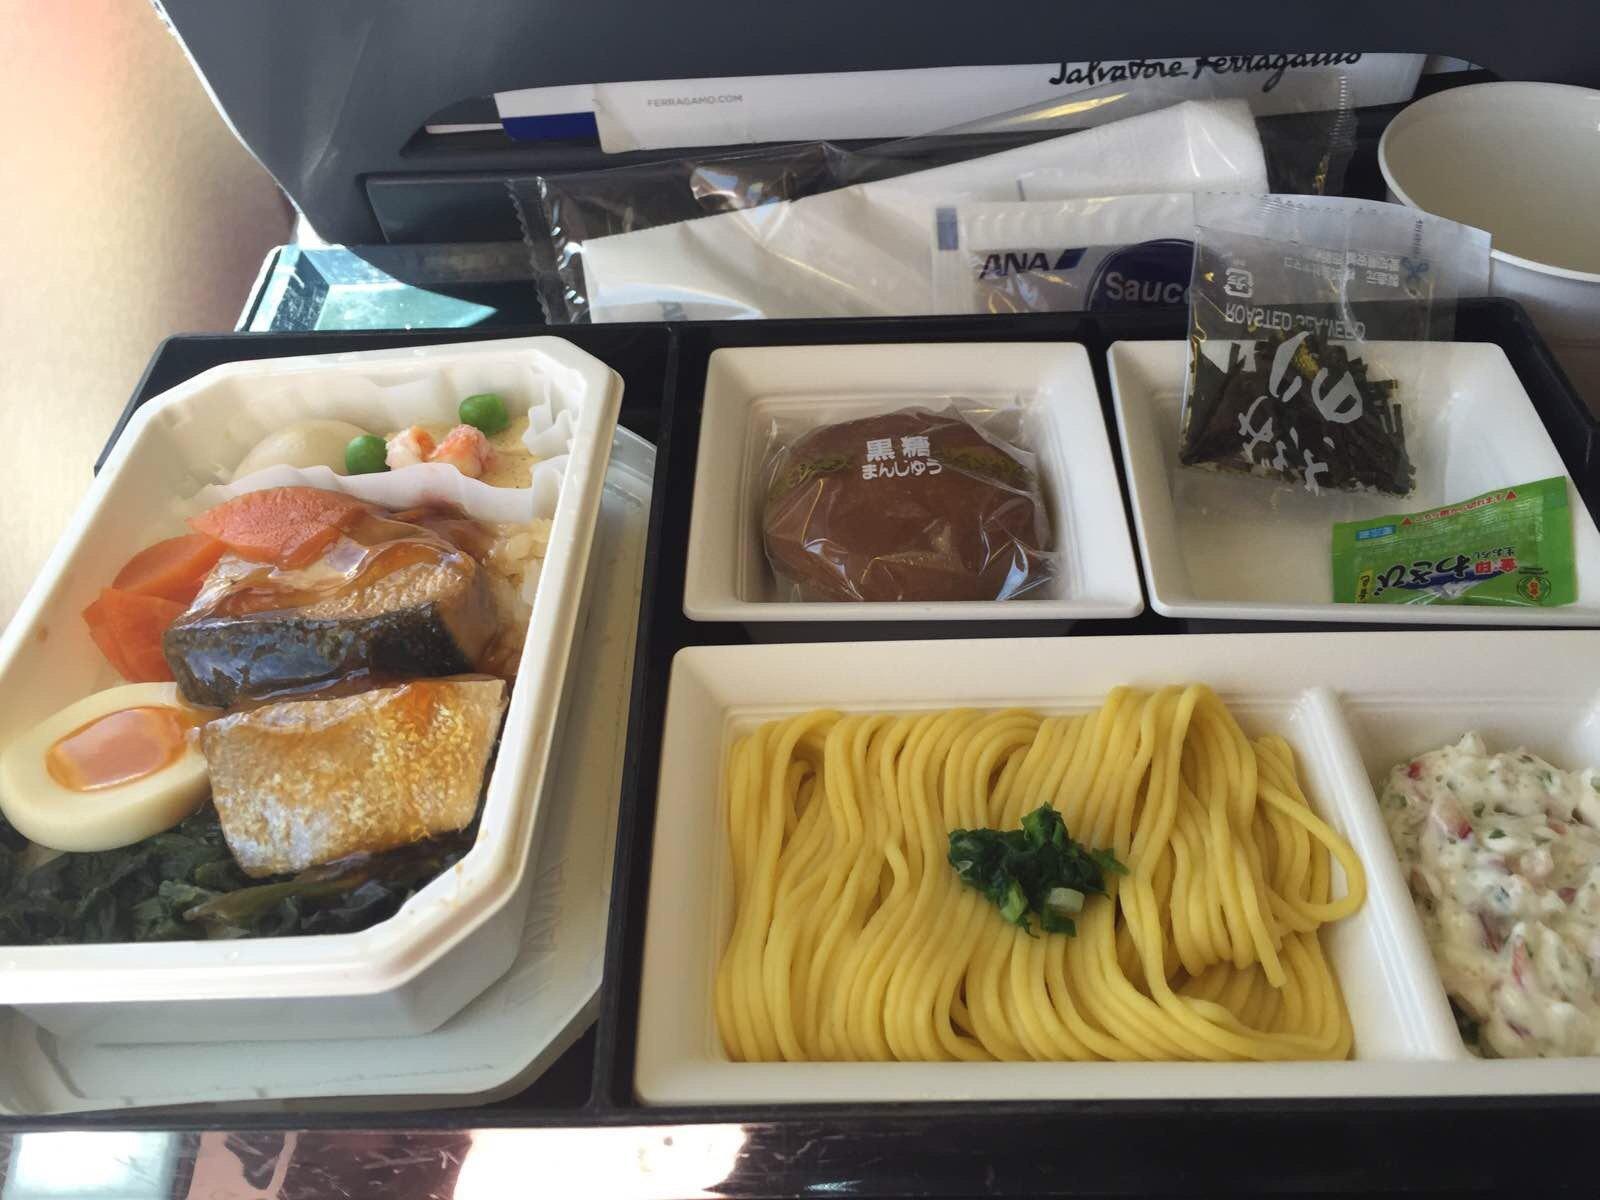 全日空的飞机餐